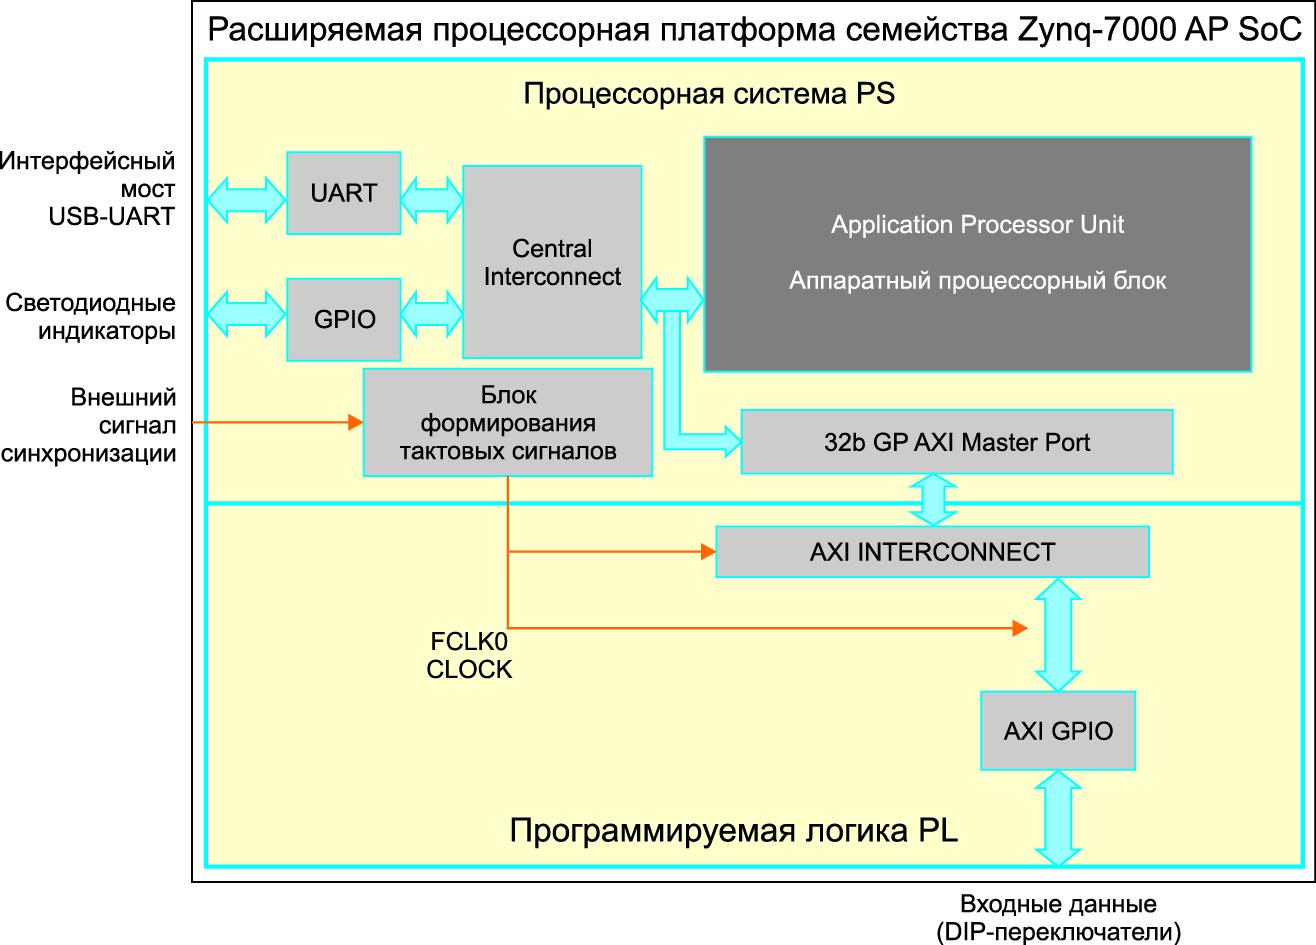 Структурное представление архитектуры простейшей системы сбора и обработки данных